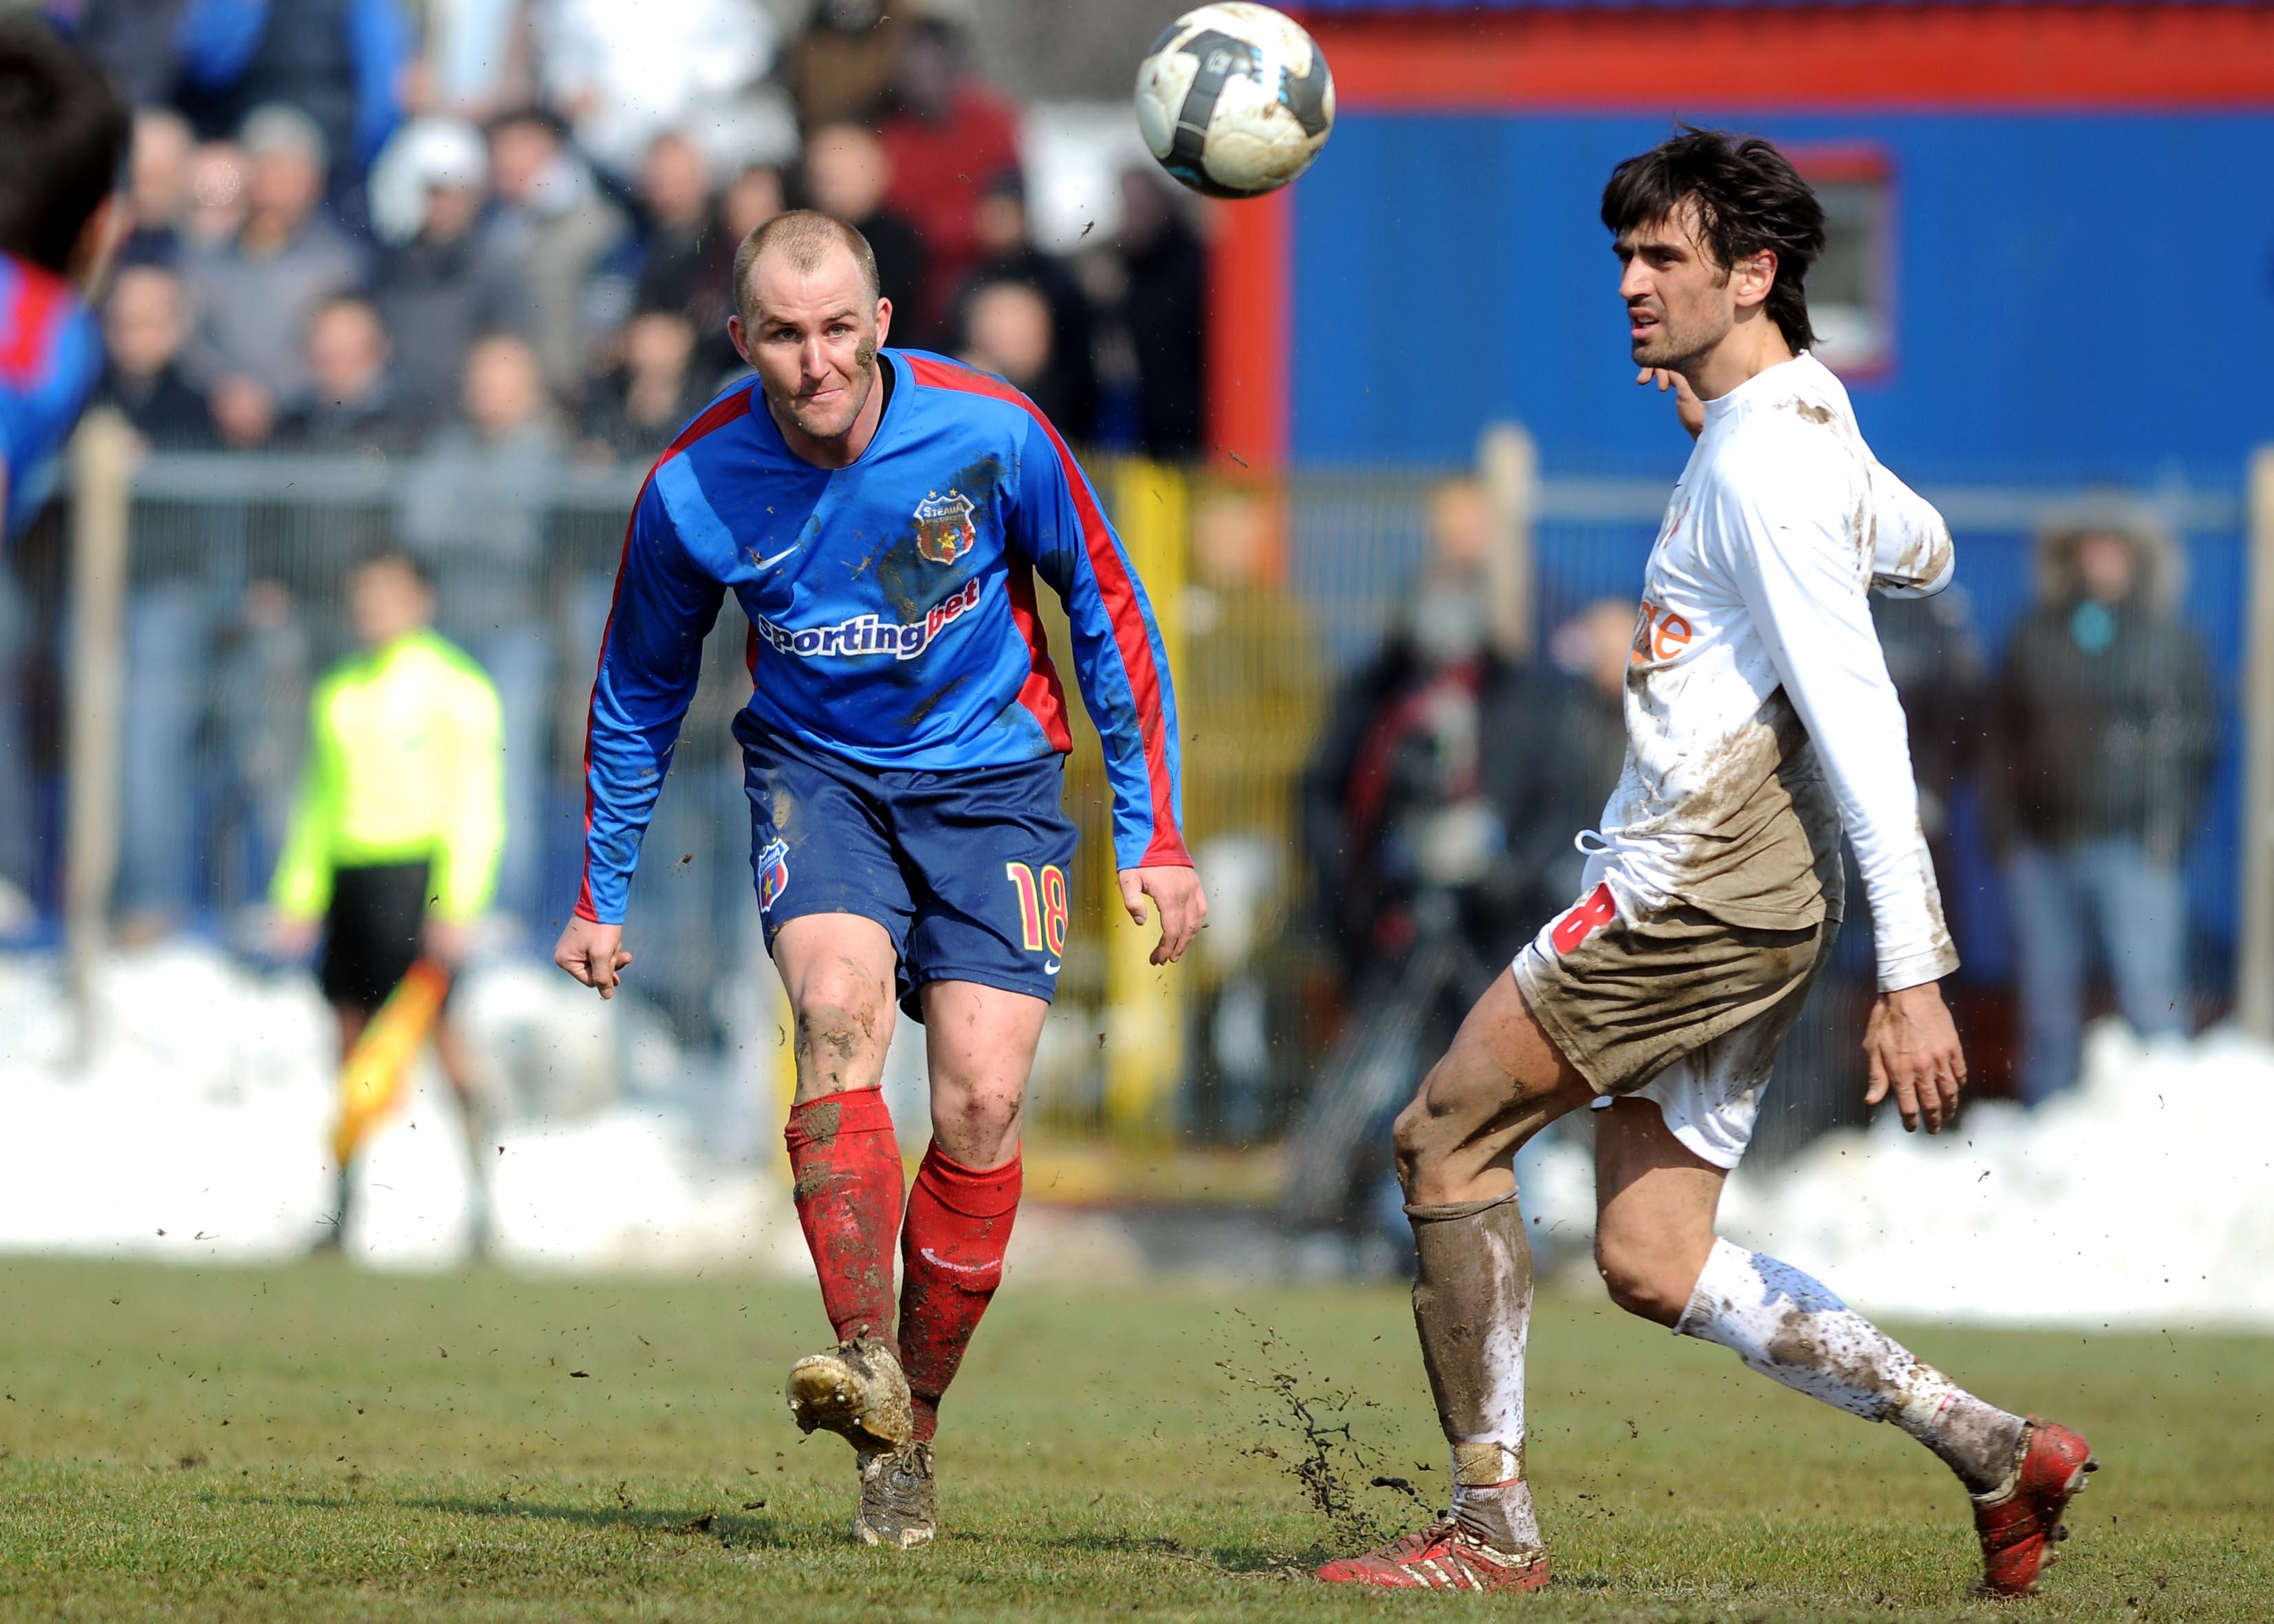 """Unde a ajuns acum fotbalistul care l-a făcut pe Gigi Becali să spună: """"Nu mai transfer în viaţa mea jucători cu chelie"""""""